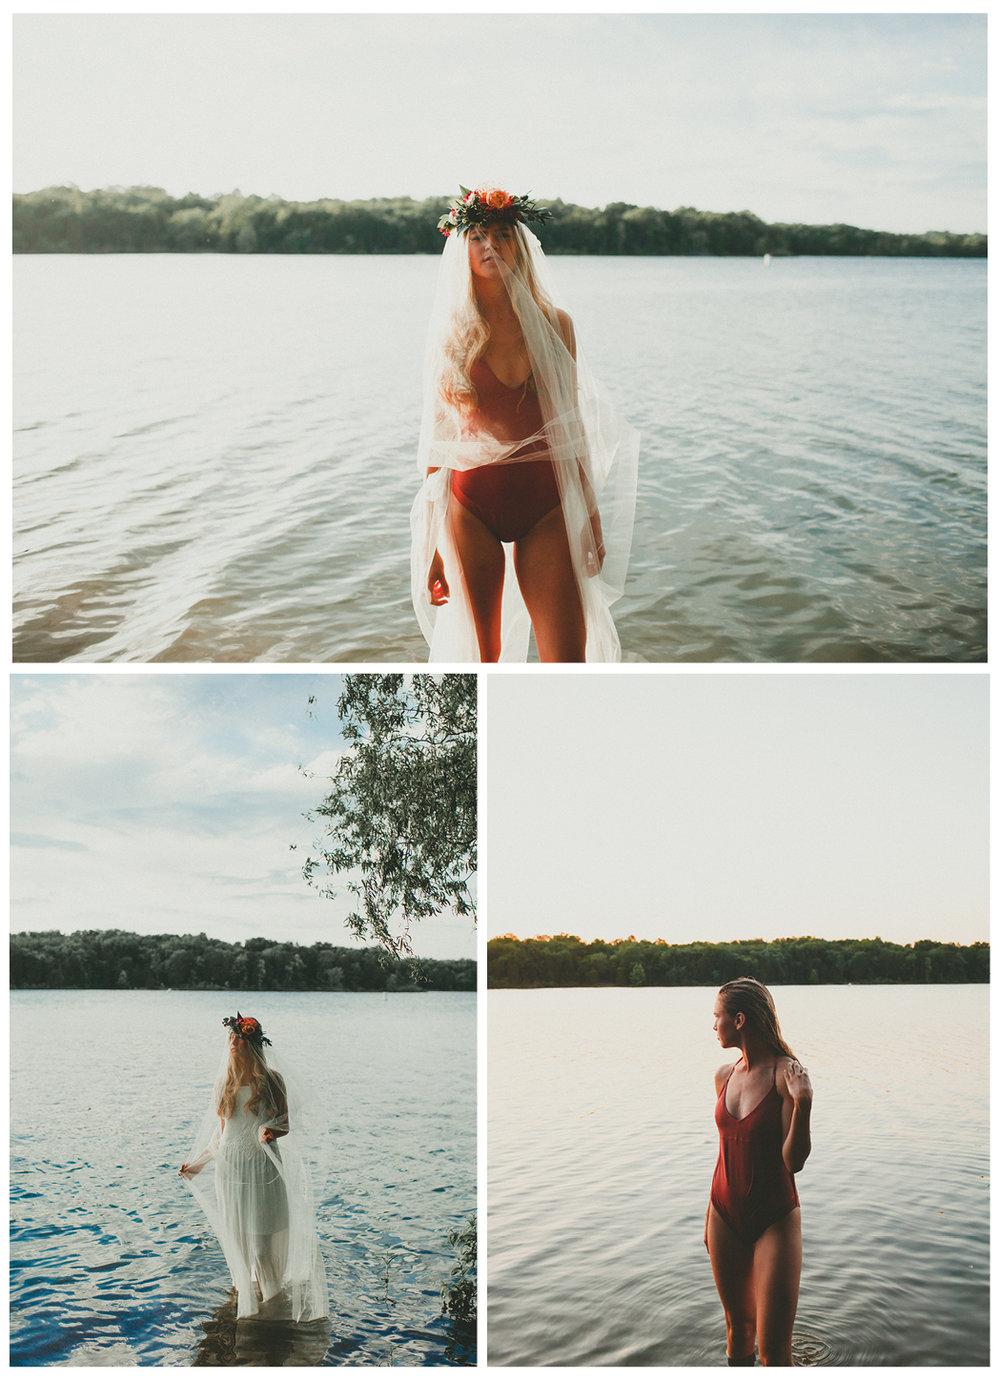 Water_Shoot14.jpg